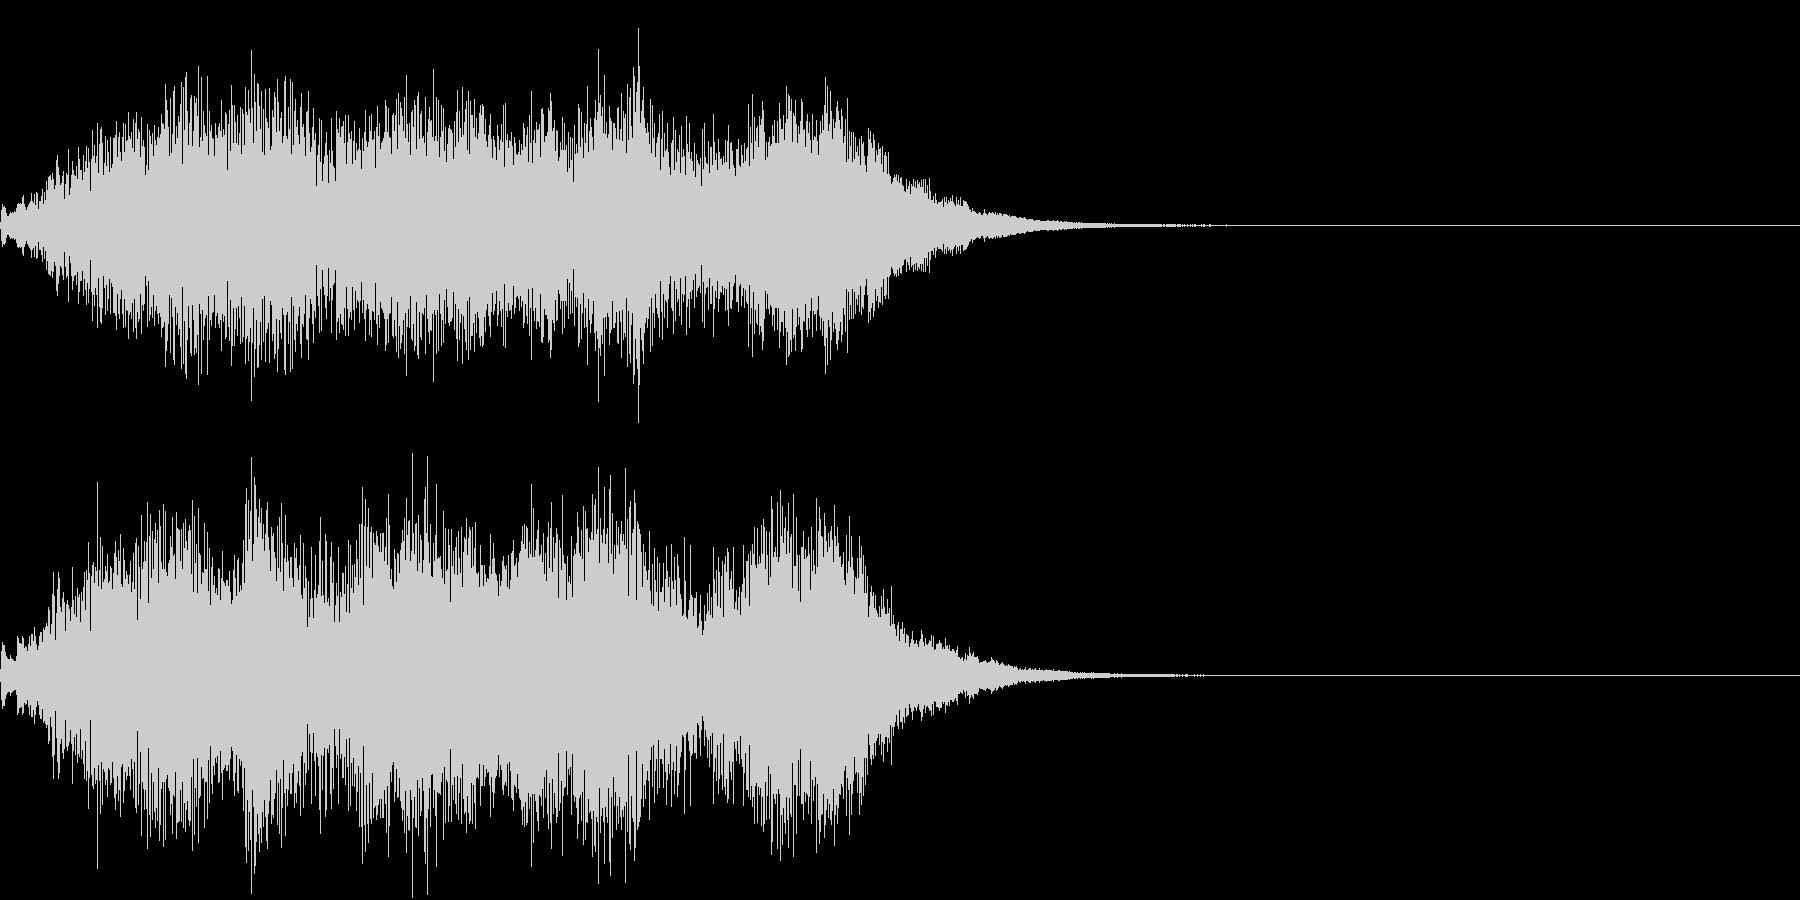 ハープ 魔法 キラキラ 泉 場面転換 1の未再生の波形